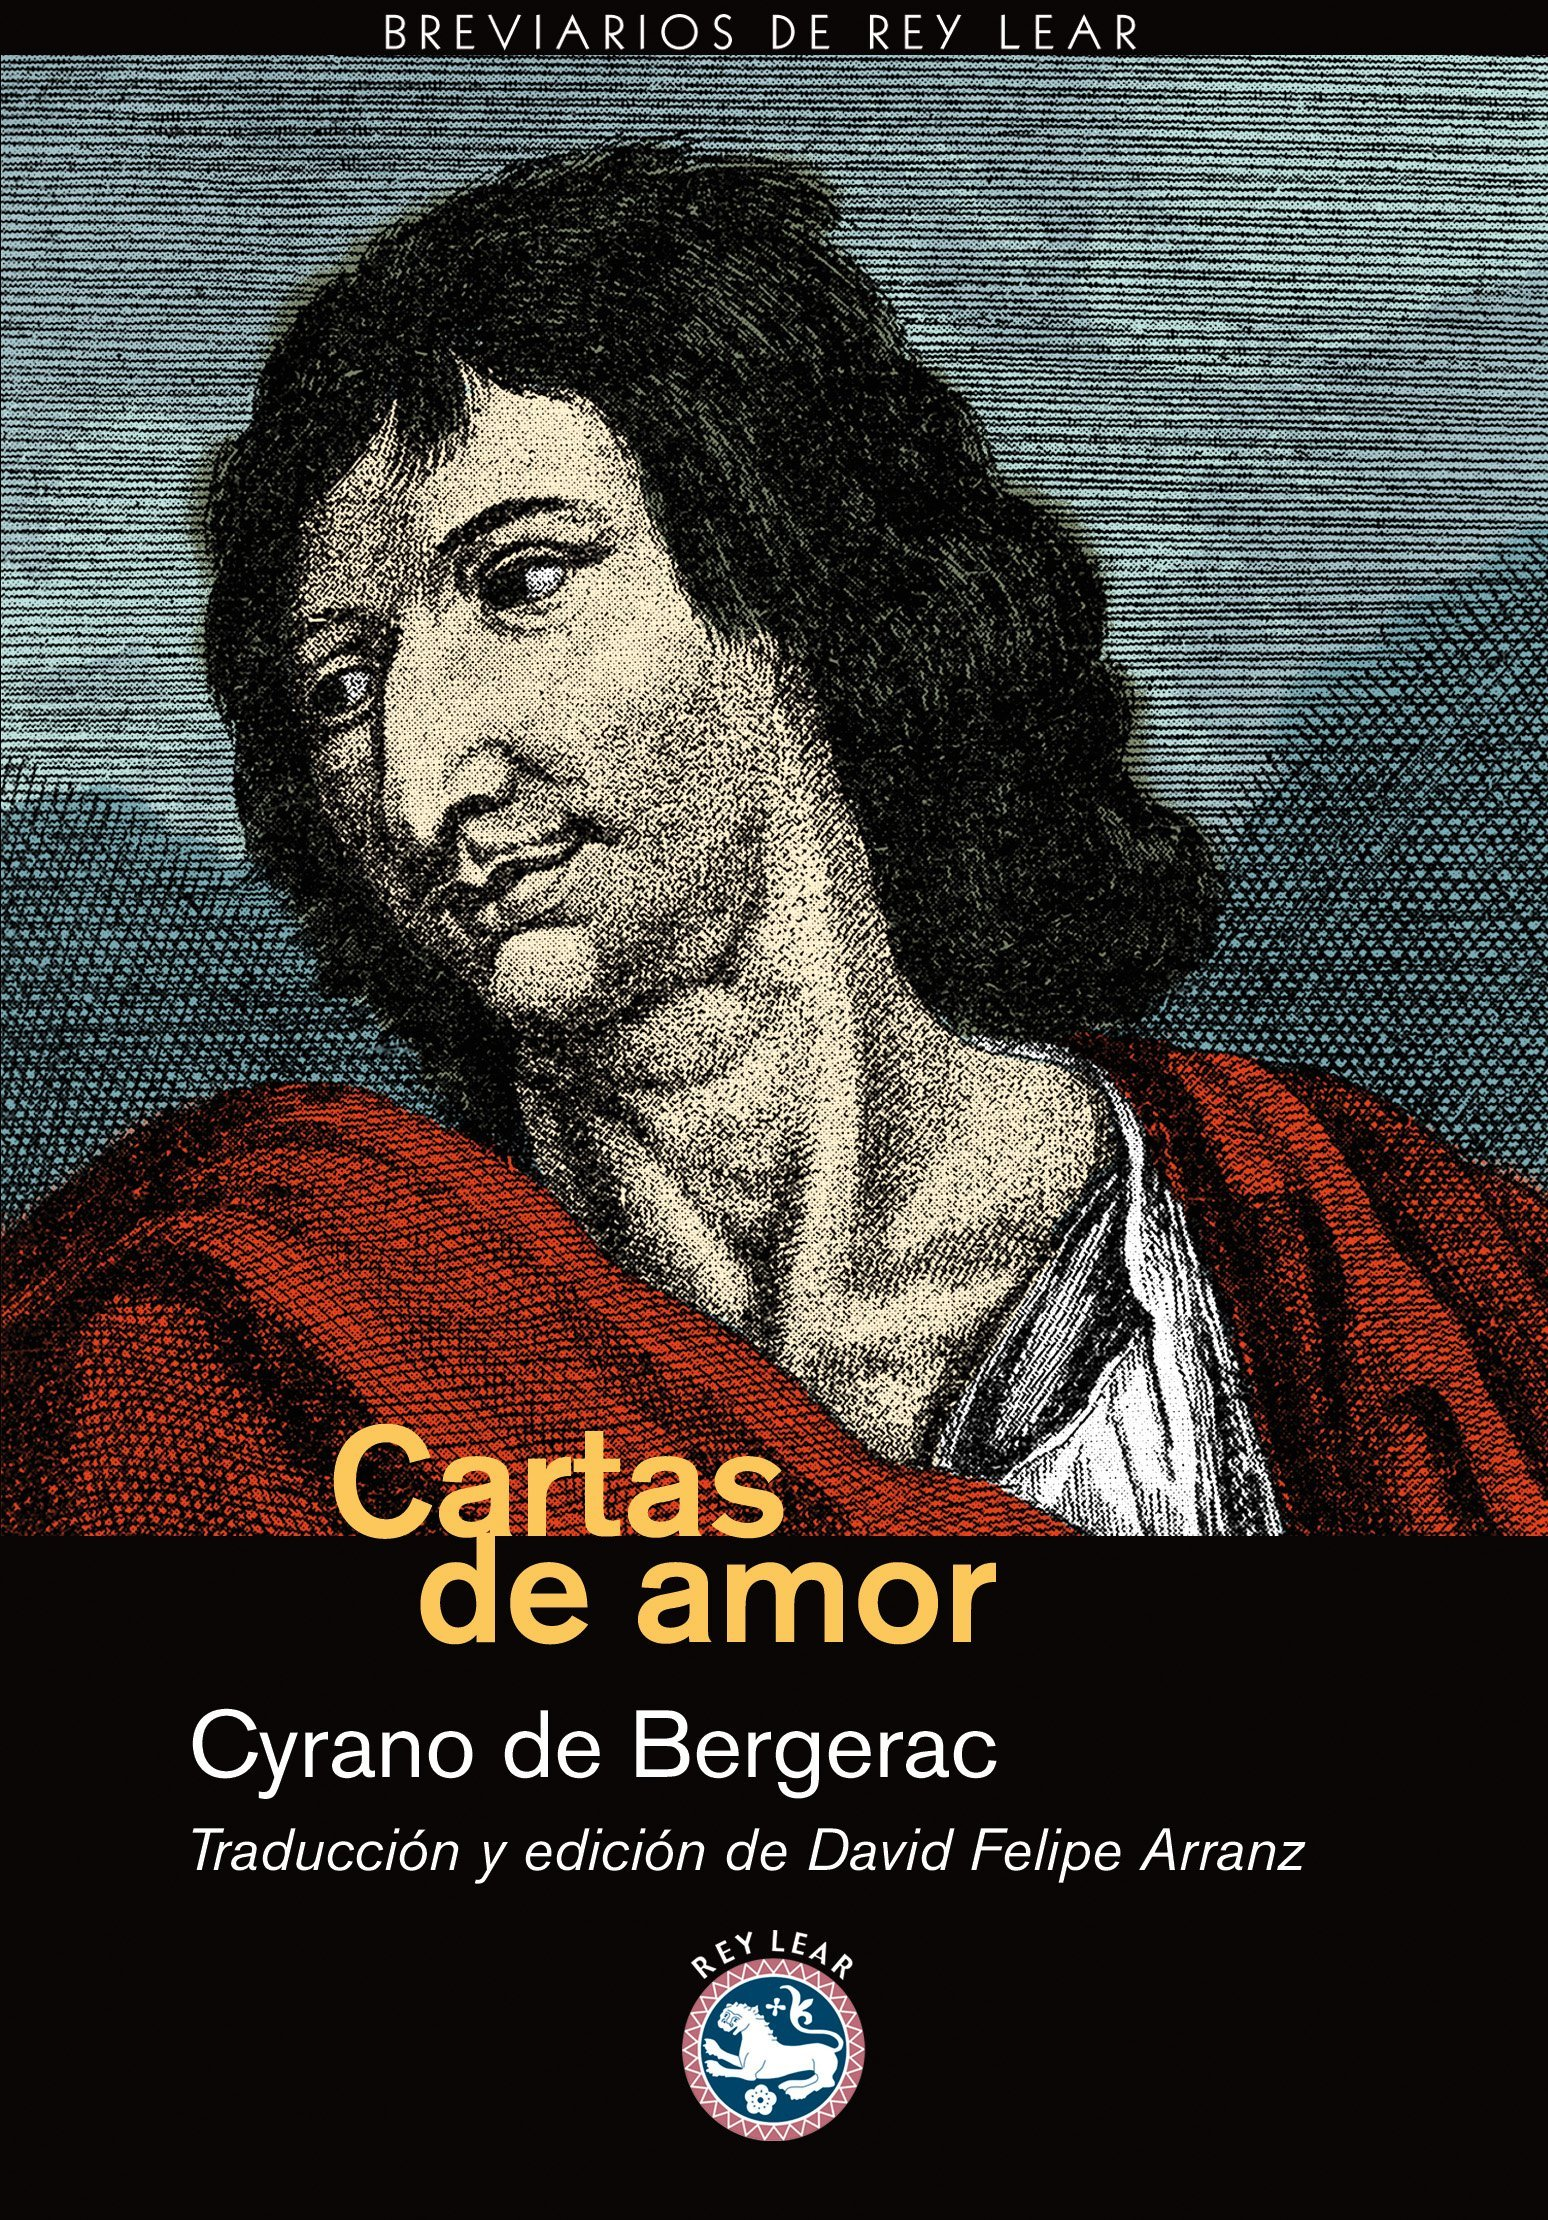 Cartas De Amor (Breviarios de Rey Lear): Amazon.es: Cyrano ...